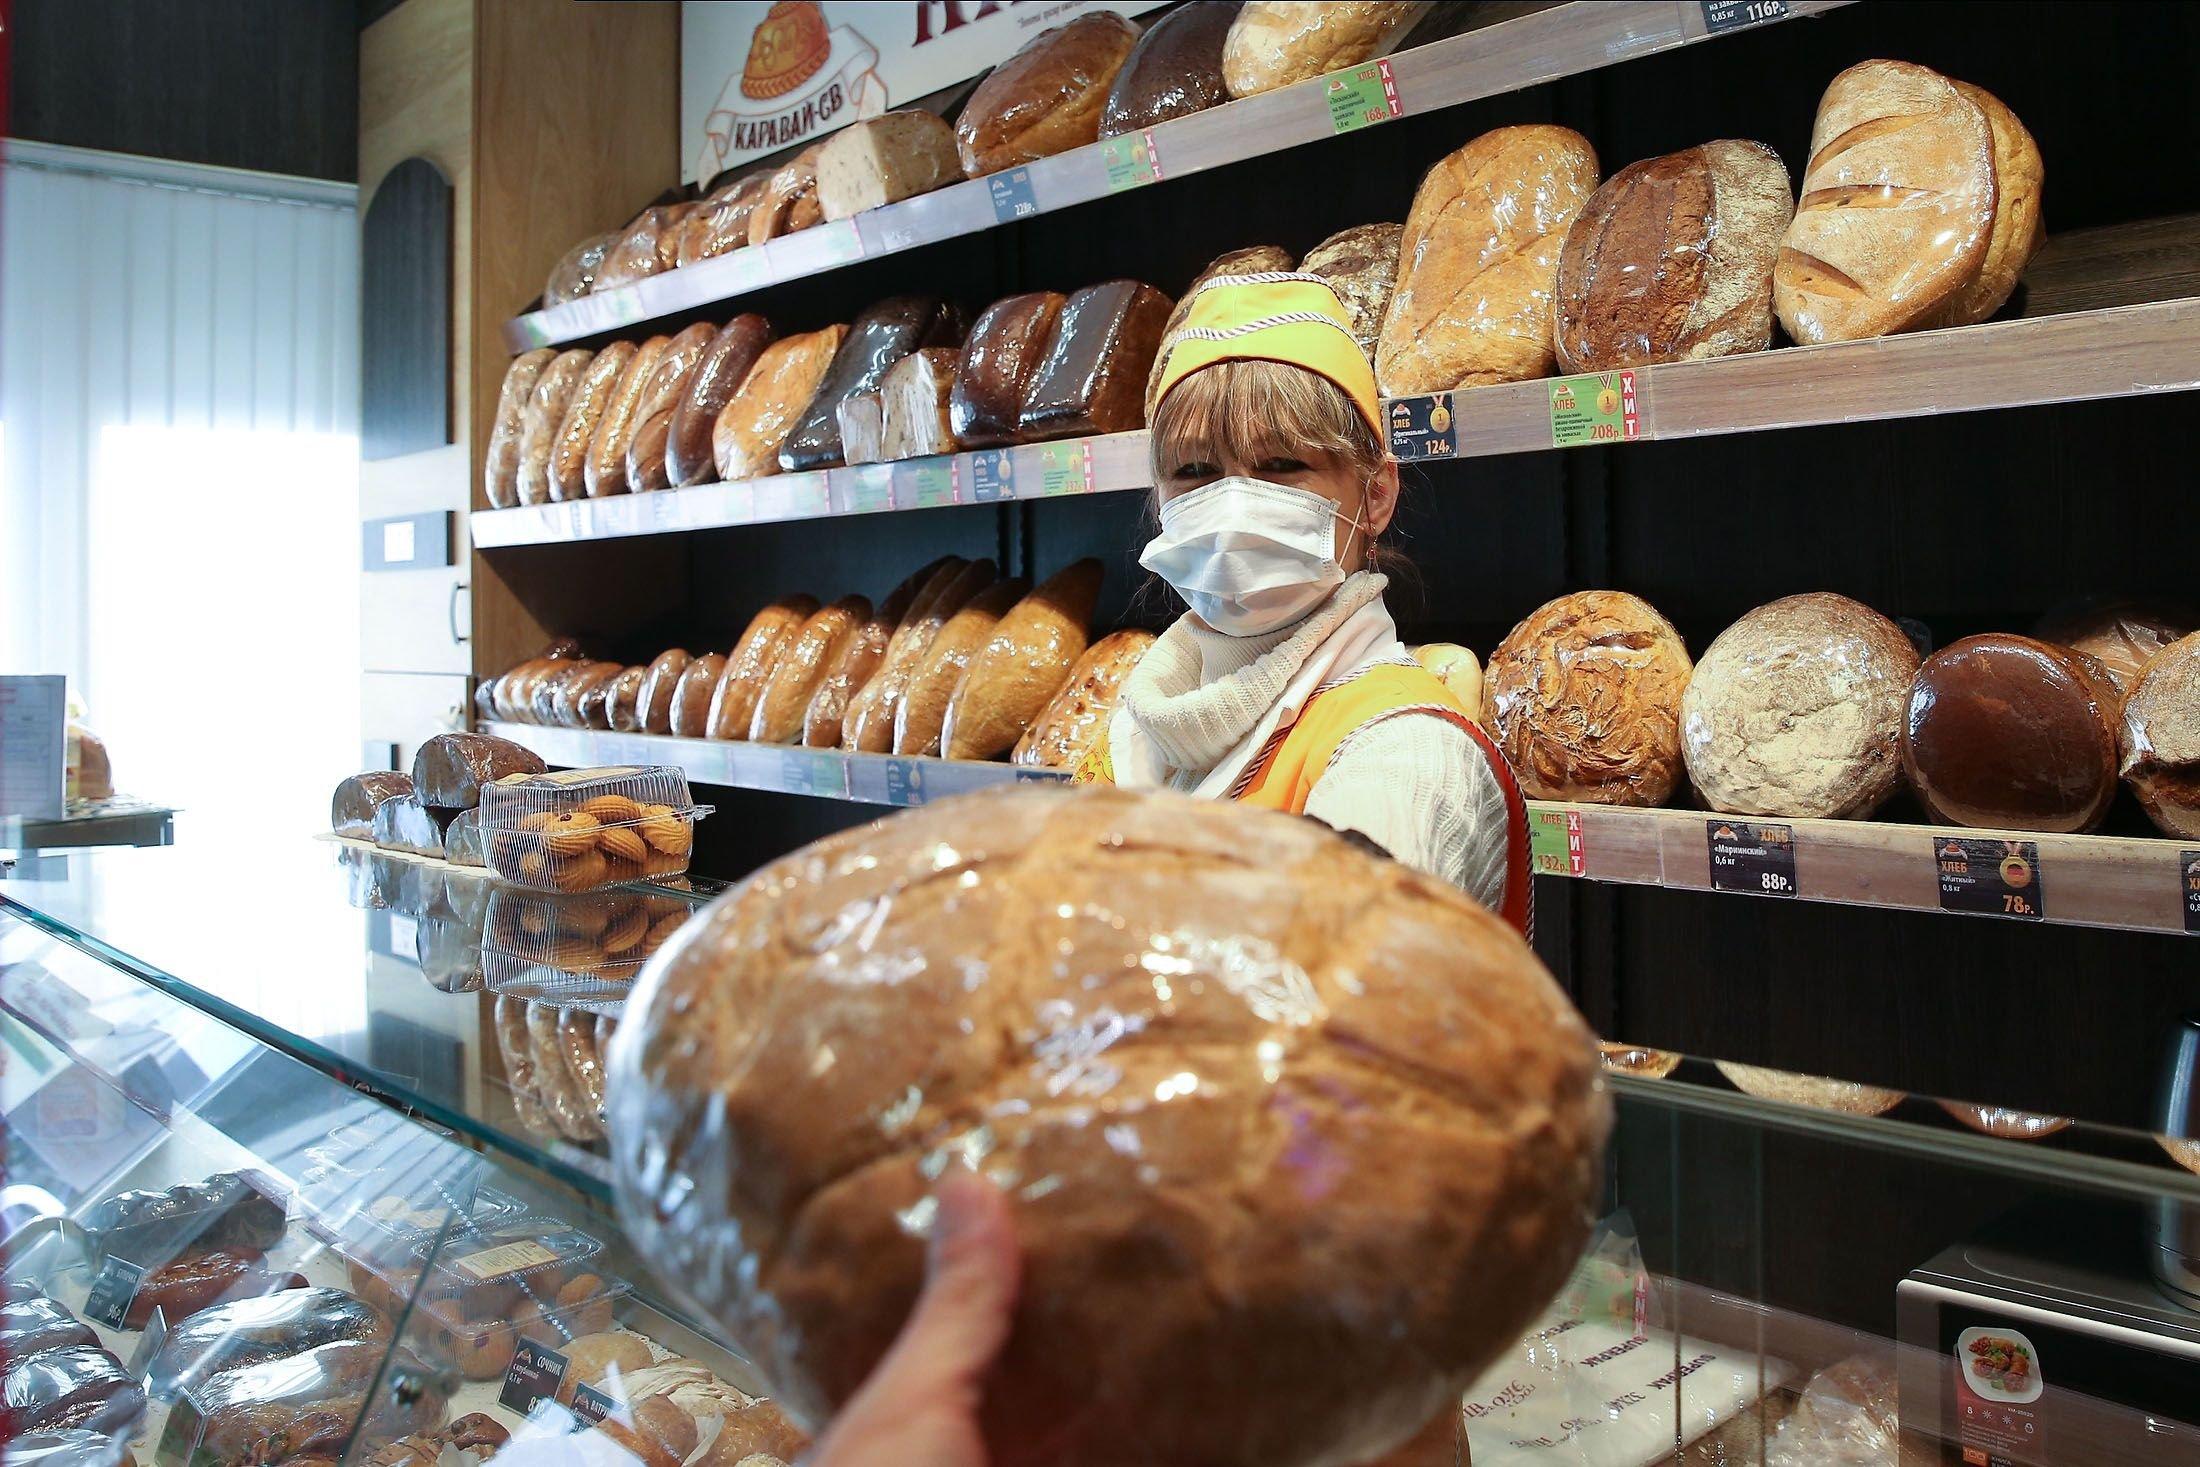 Козельские продавцы не отпускают товар нарушителям масочного режима